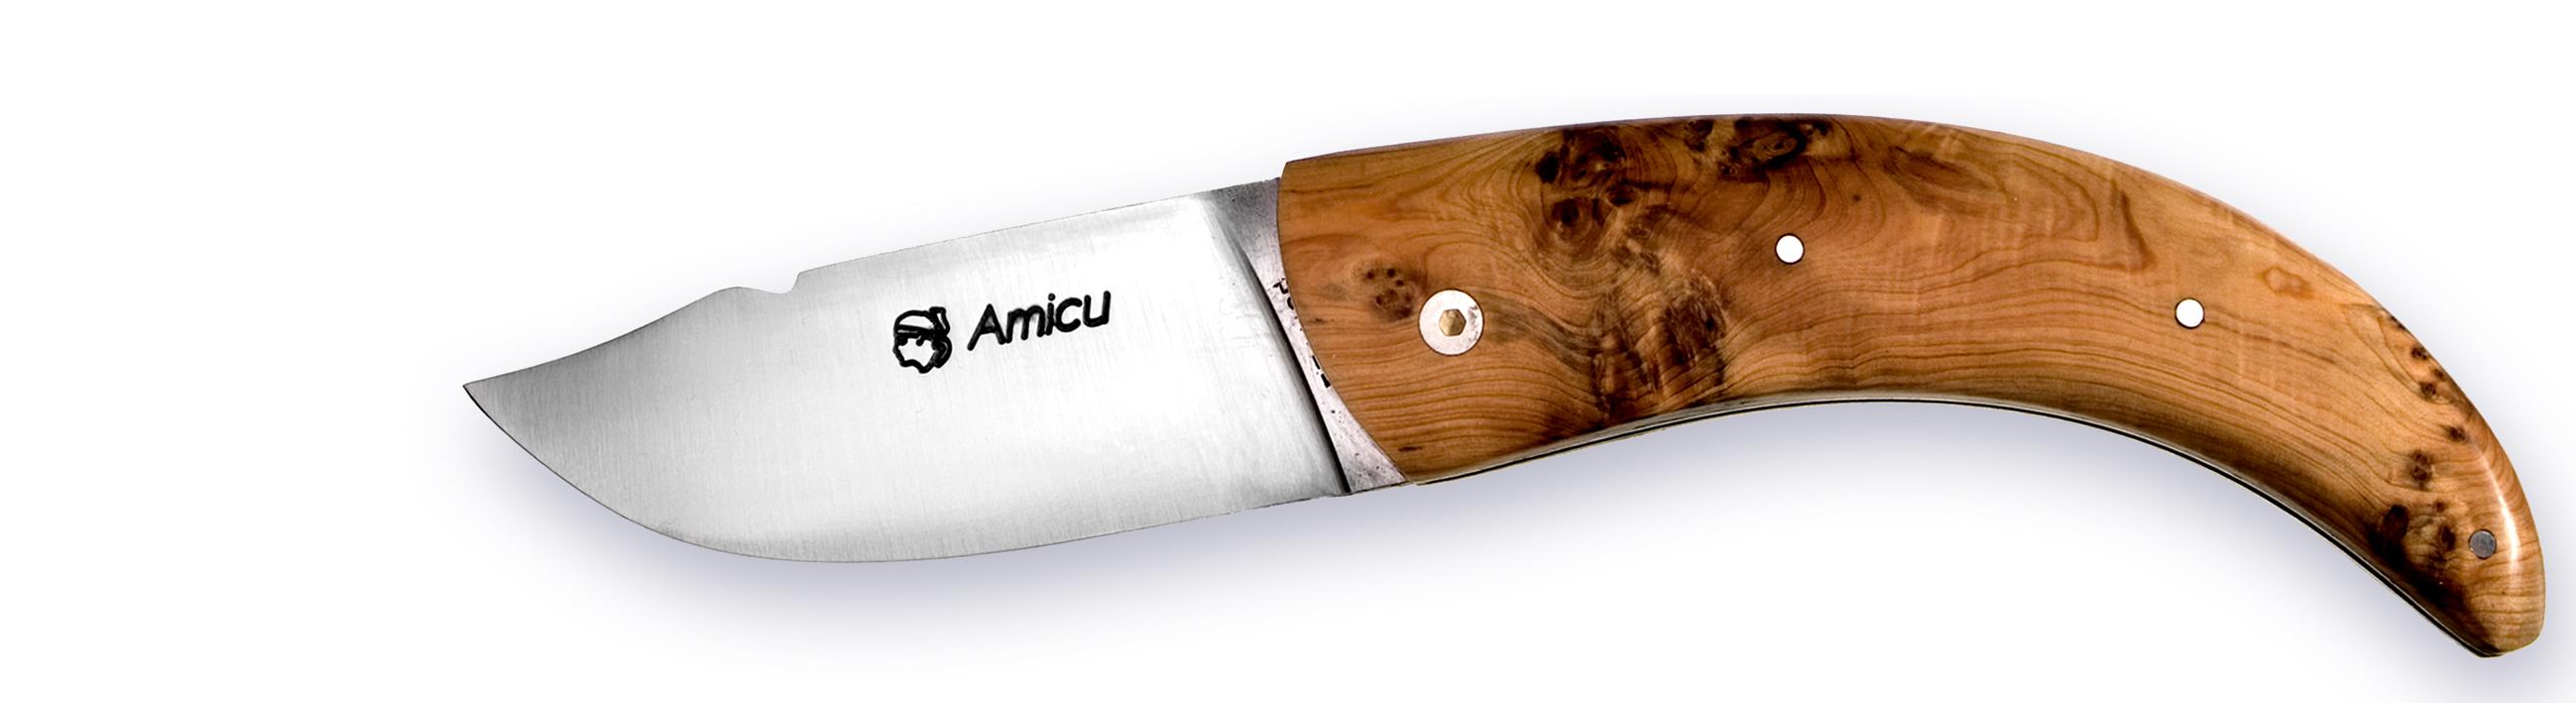 Corse-Amicu